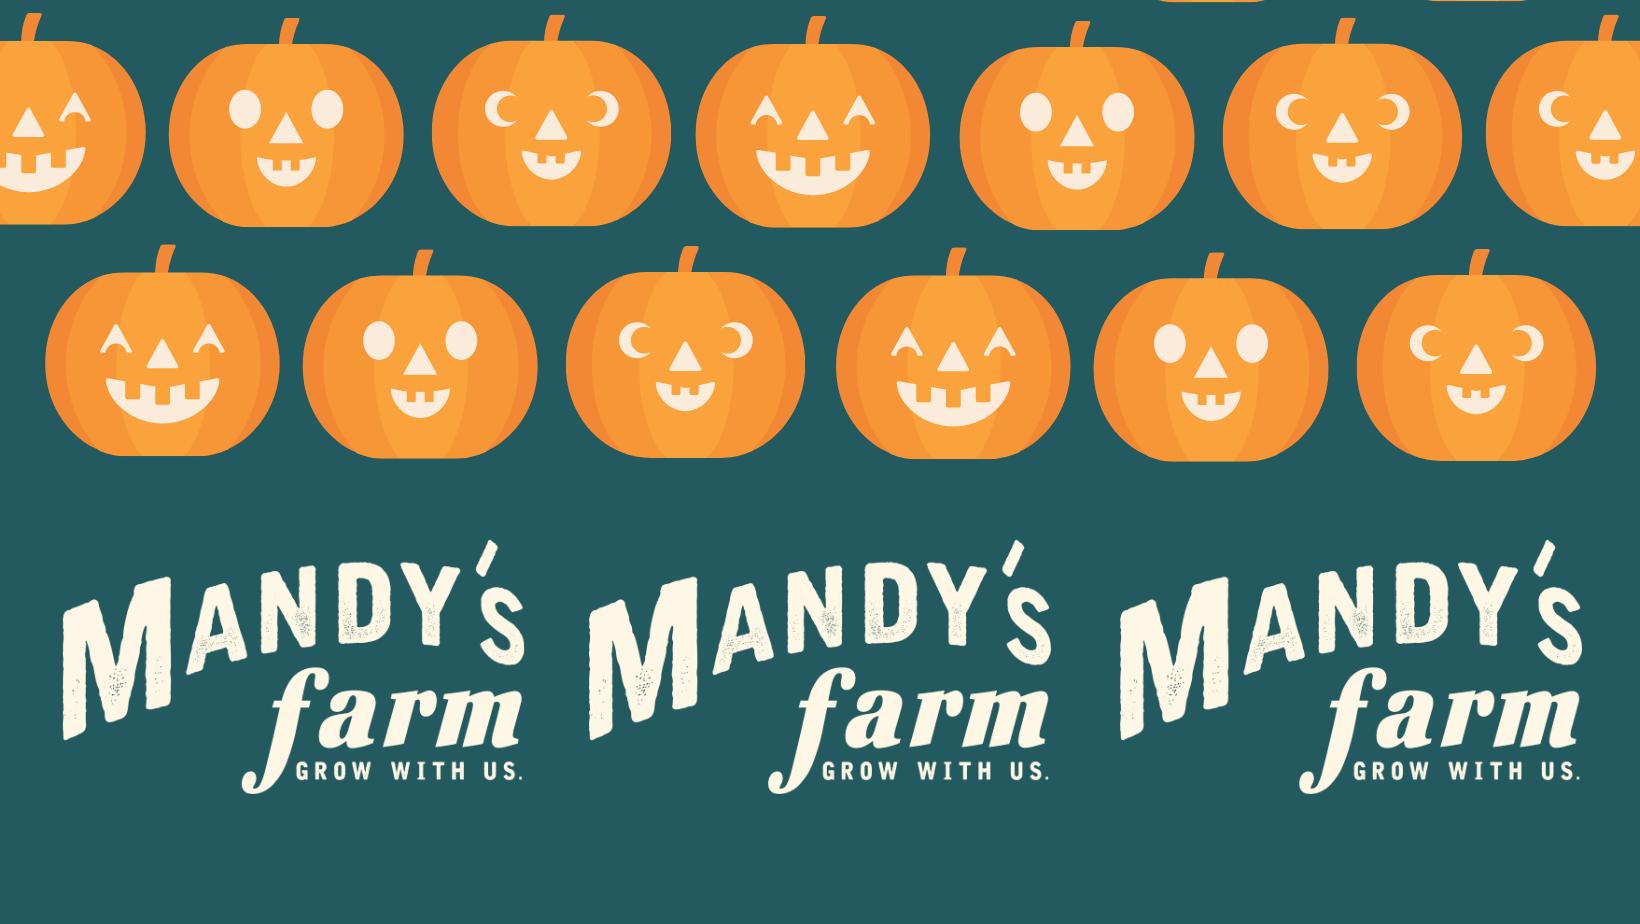 Mandy's Farm Harvest Festival Sponsorships image